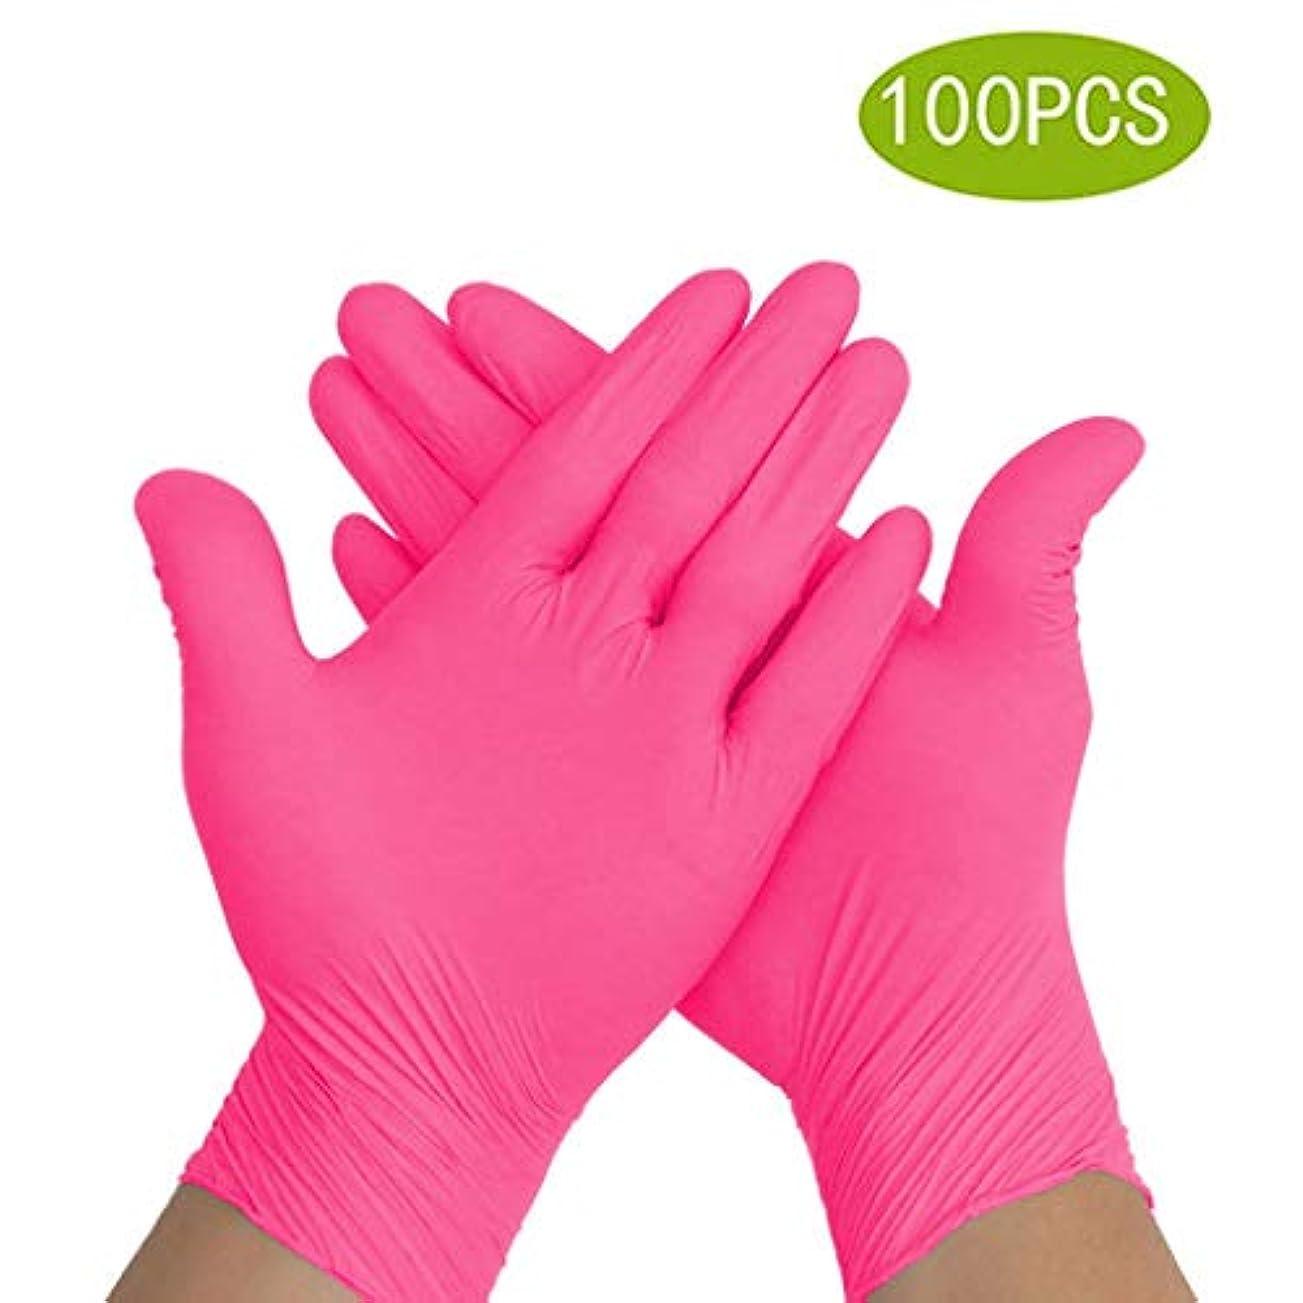 かろうじて変成器いちゃつくニトリル使い捨て手袋、パウダーフリーのレッドビューティーサロンタトゥー、食品用手袋、ラテックスフリー、100個ディスペンサーパック (Size : S)